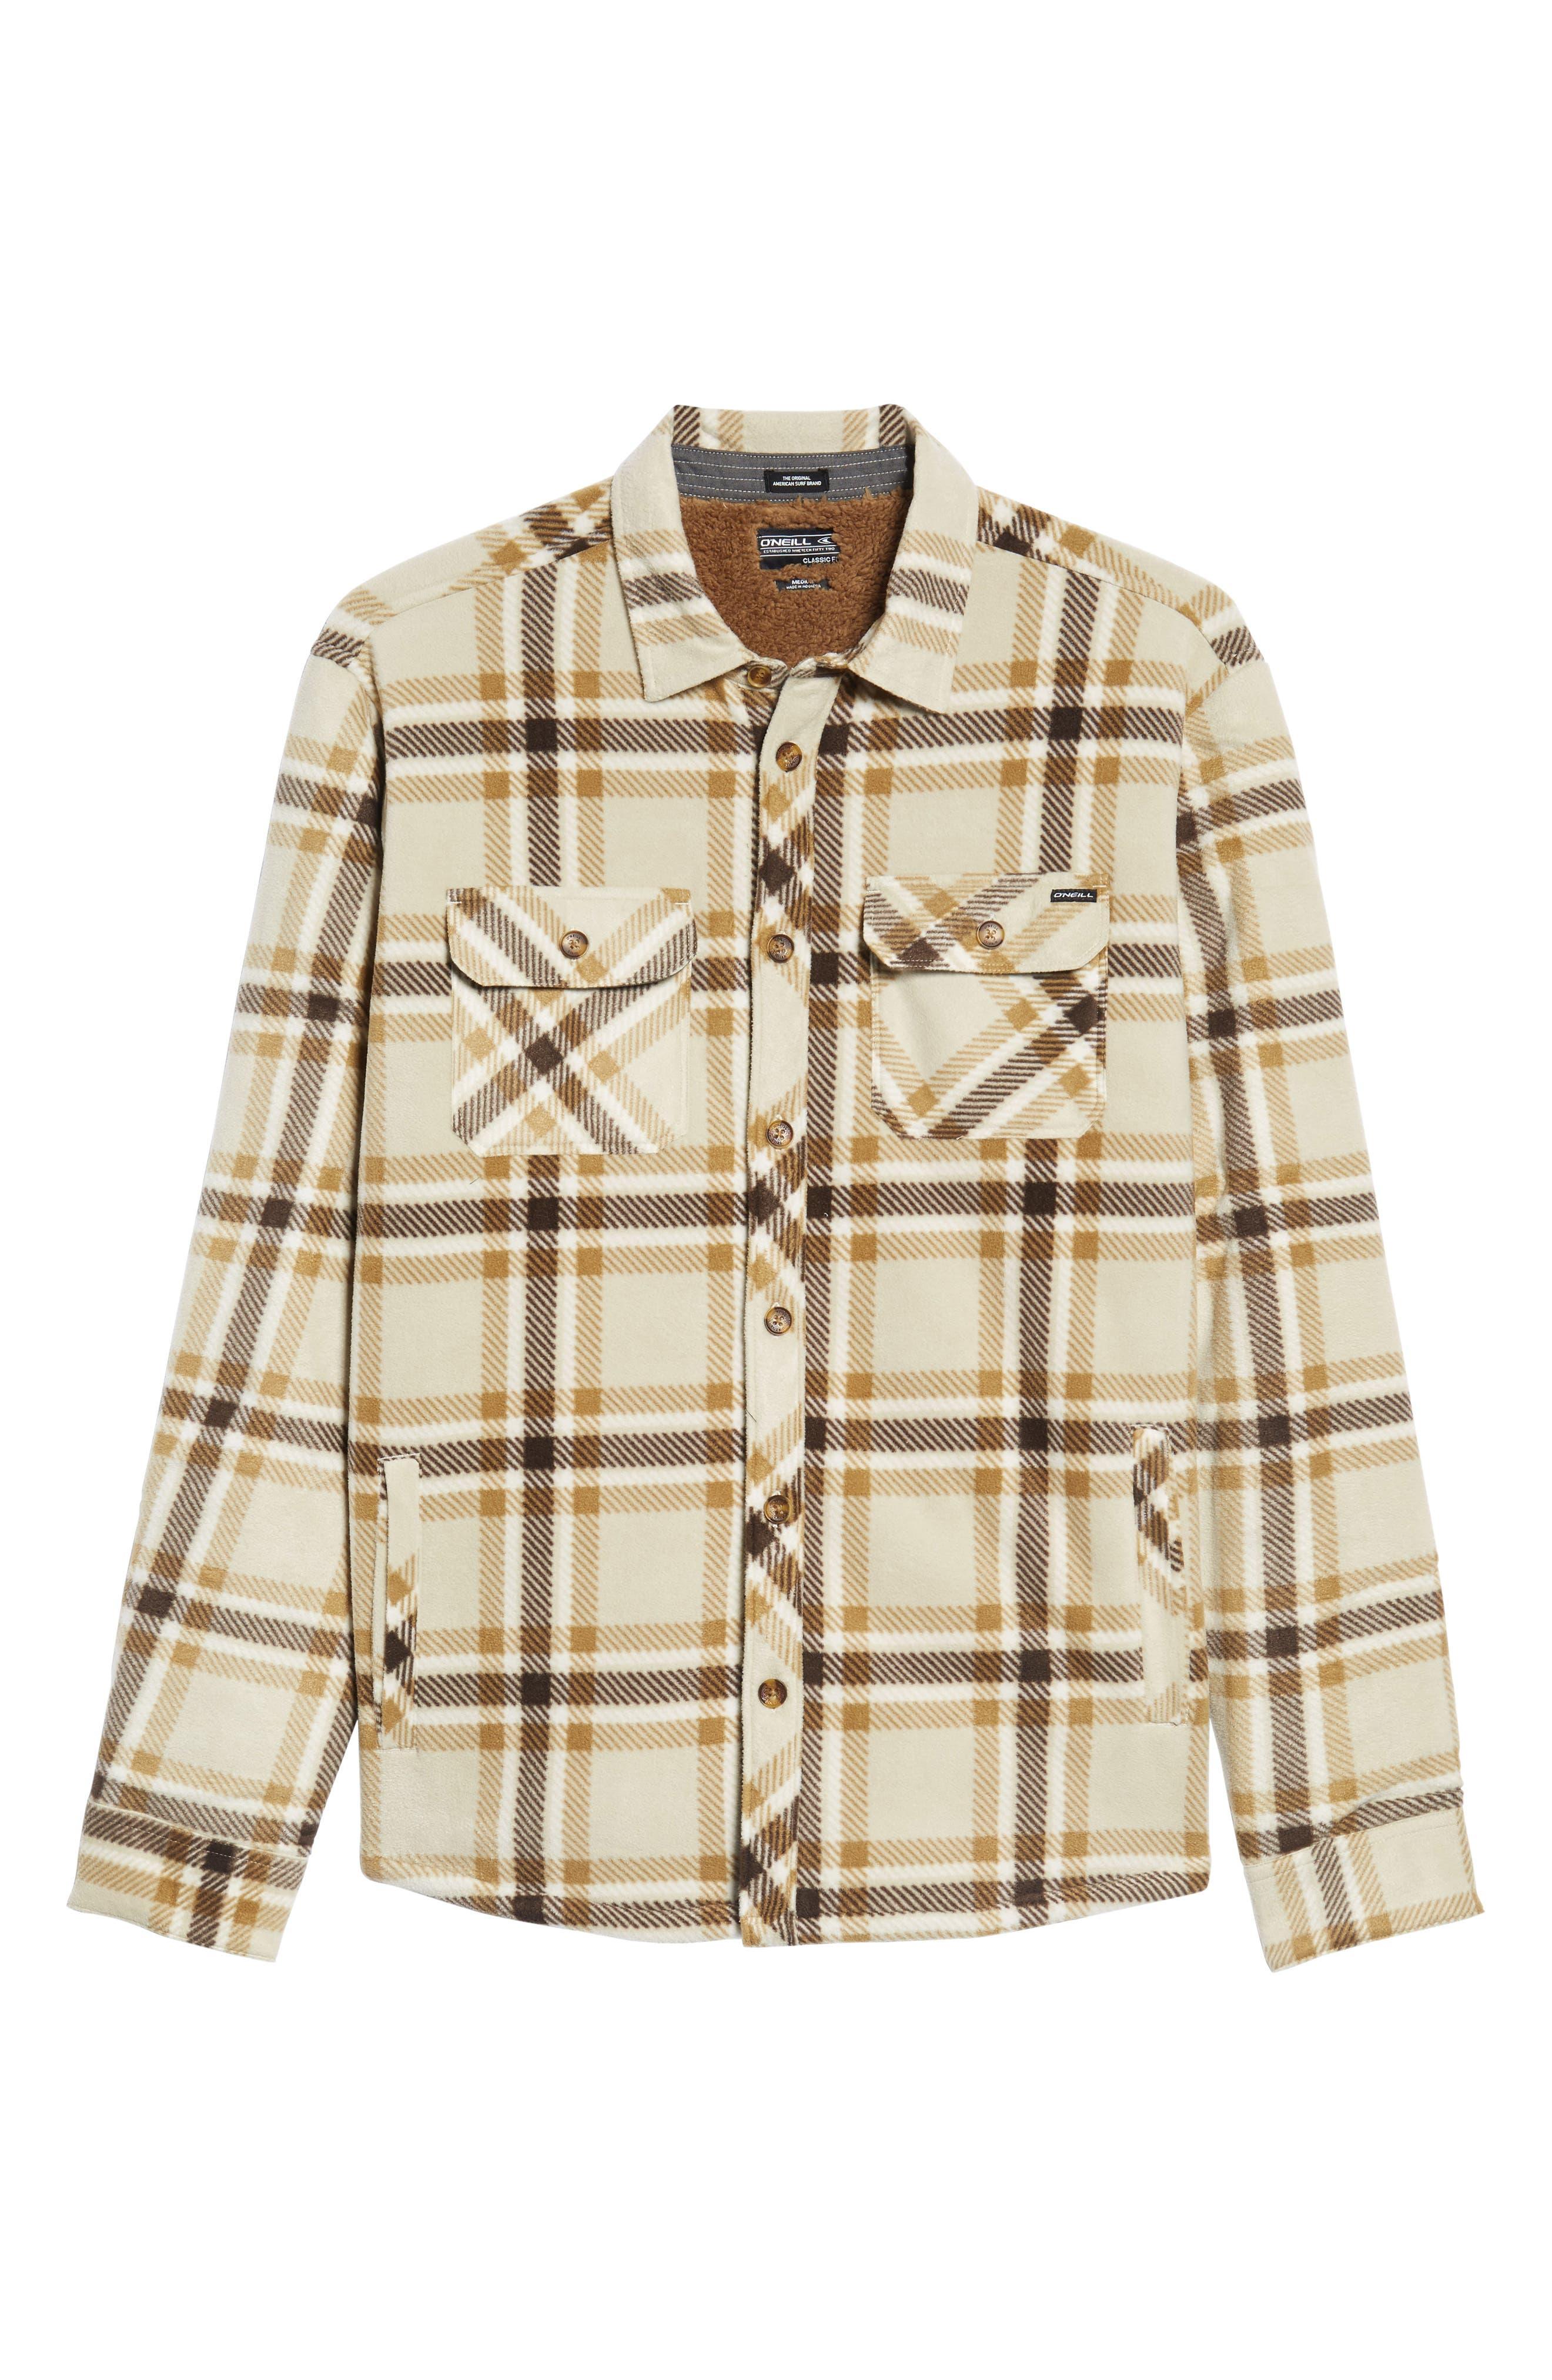 Glacier Heat Dome Plaid Fleece Shirt,                             Alternate thumbnail 6, color,                             250